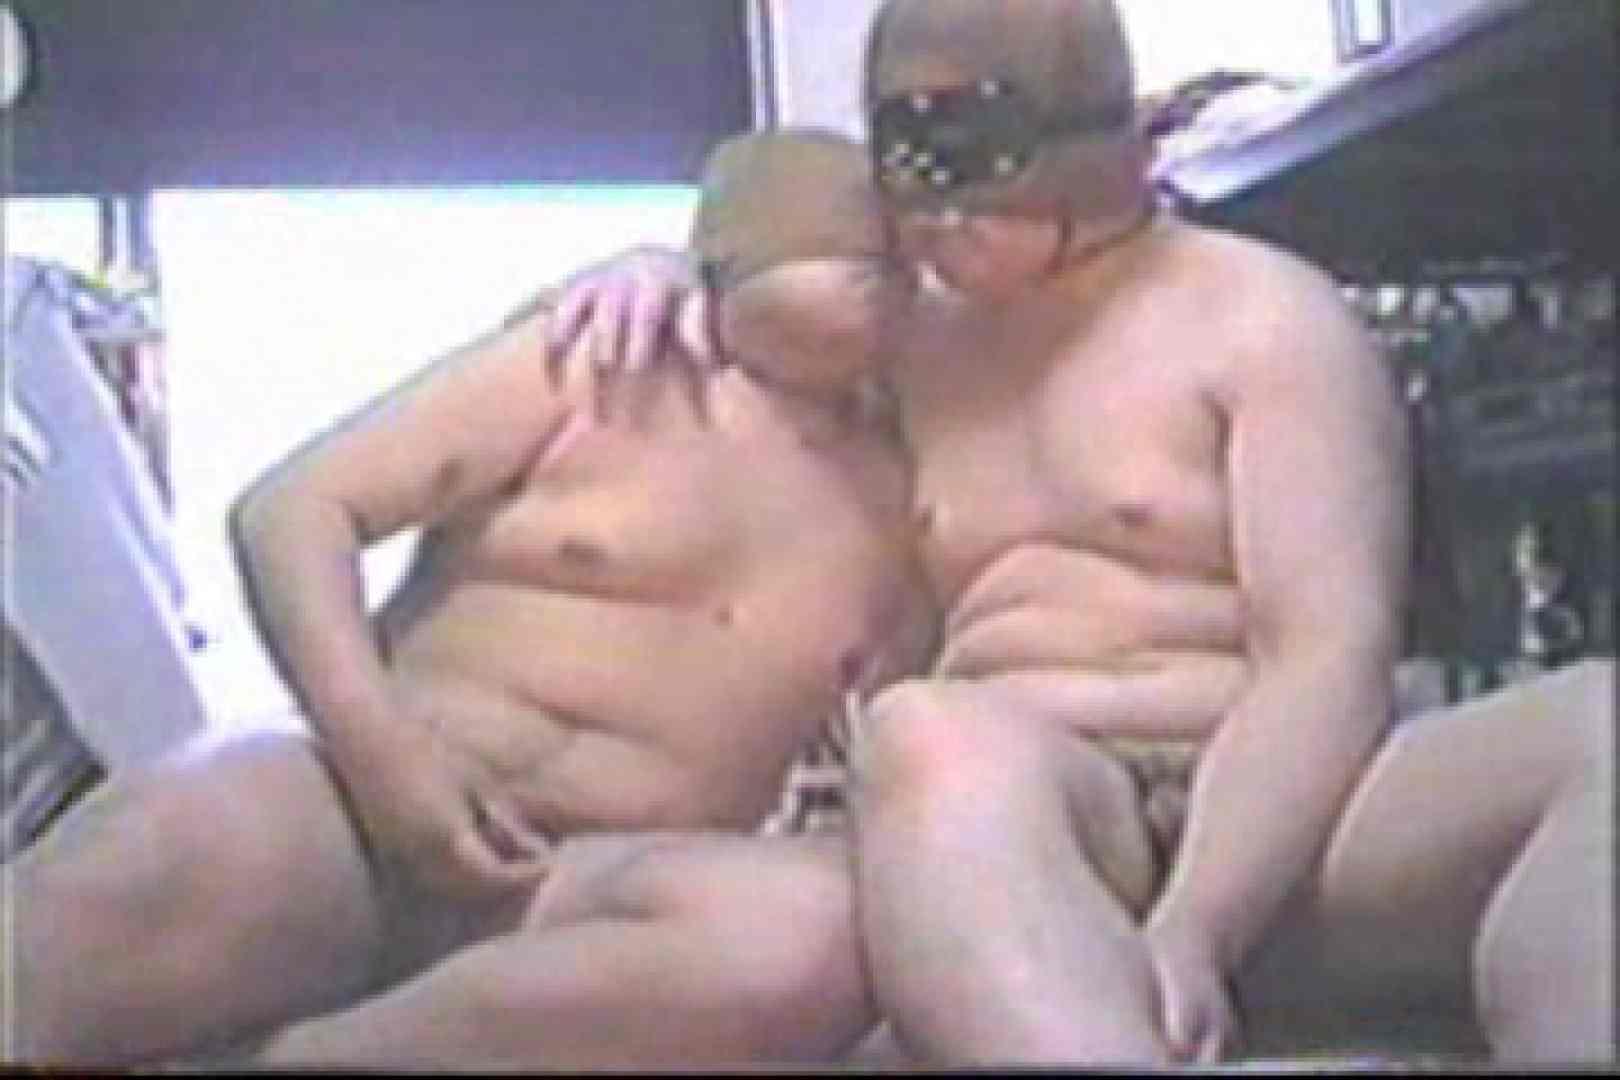 【実録】パンスト仮面は真性包茎!!Hなぽっちゃりカップル メンズのカップル  82画像 40